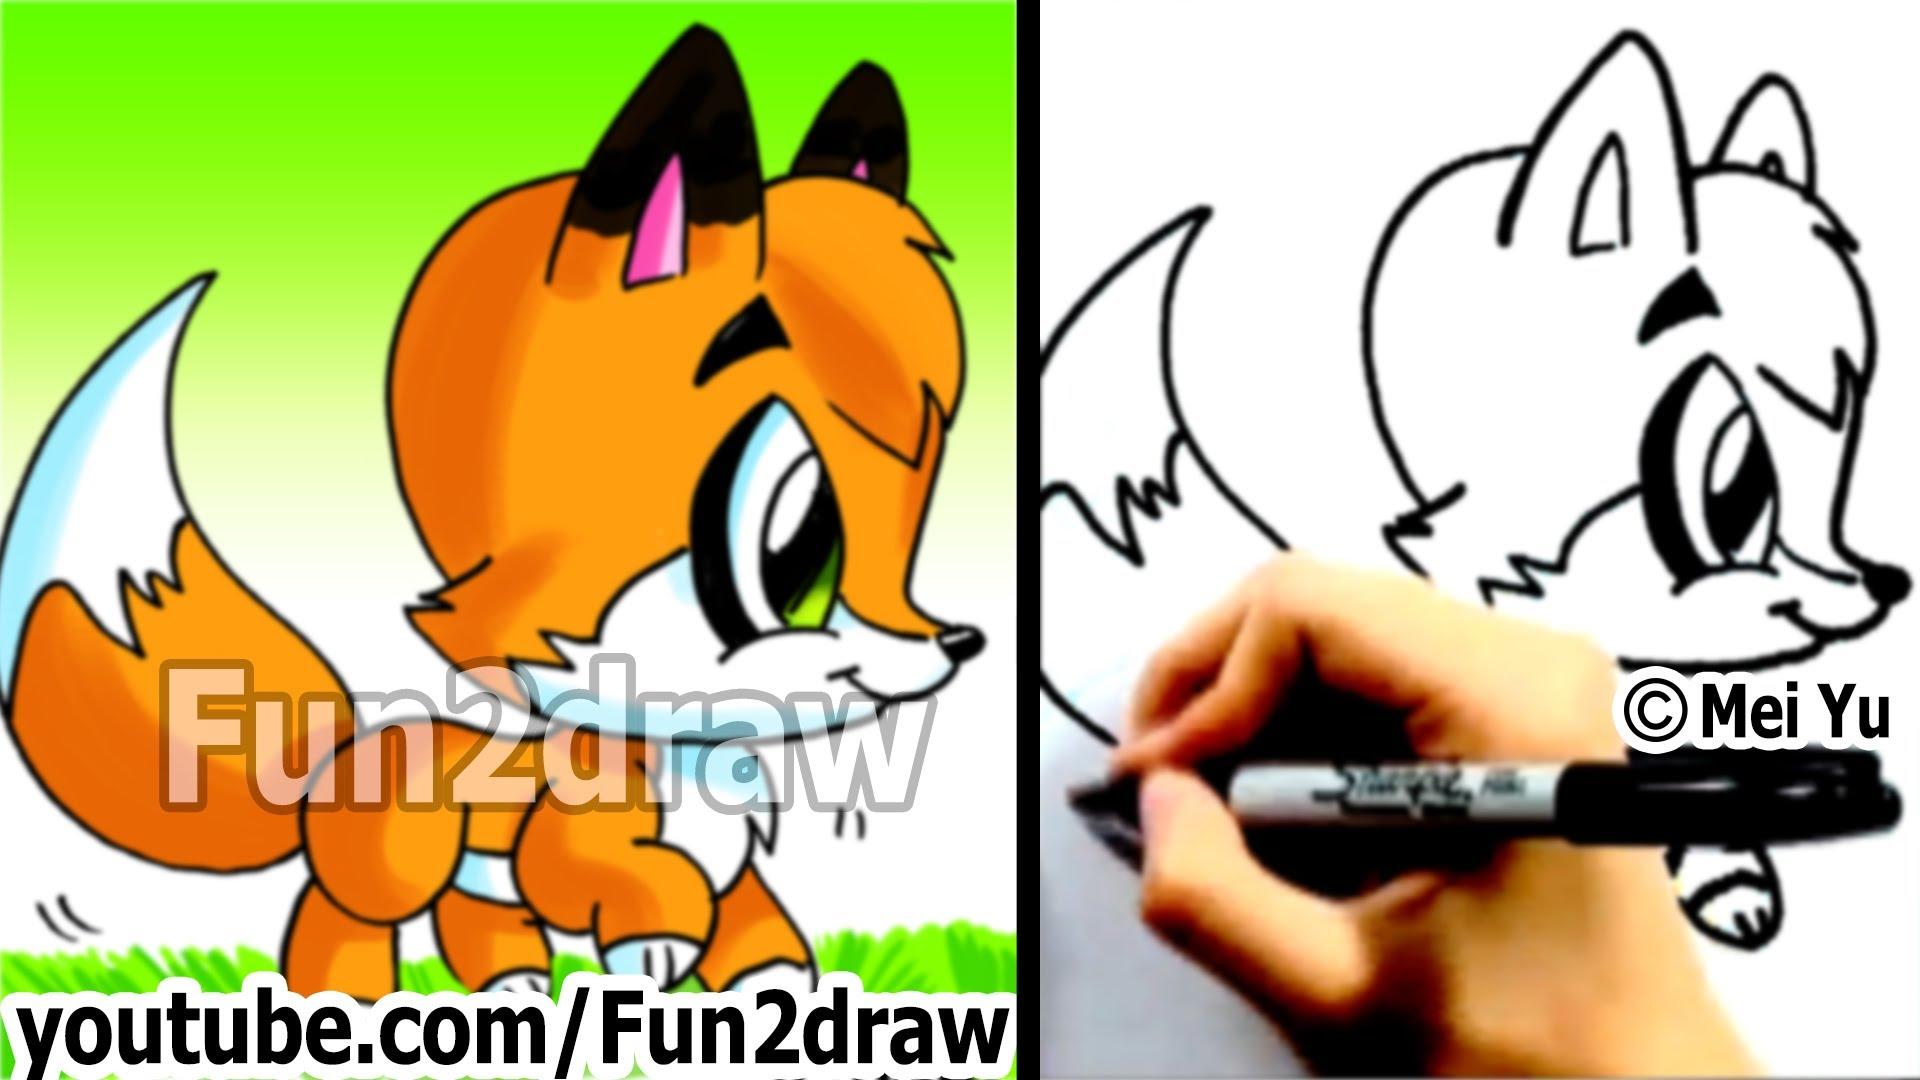 Drawn red panda really Fox a Draw Drawings Fox